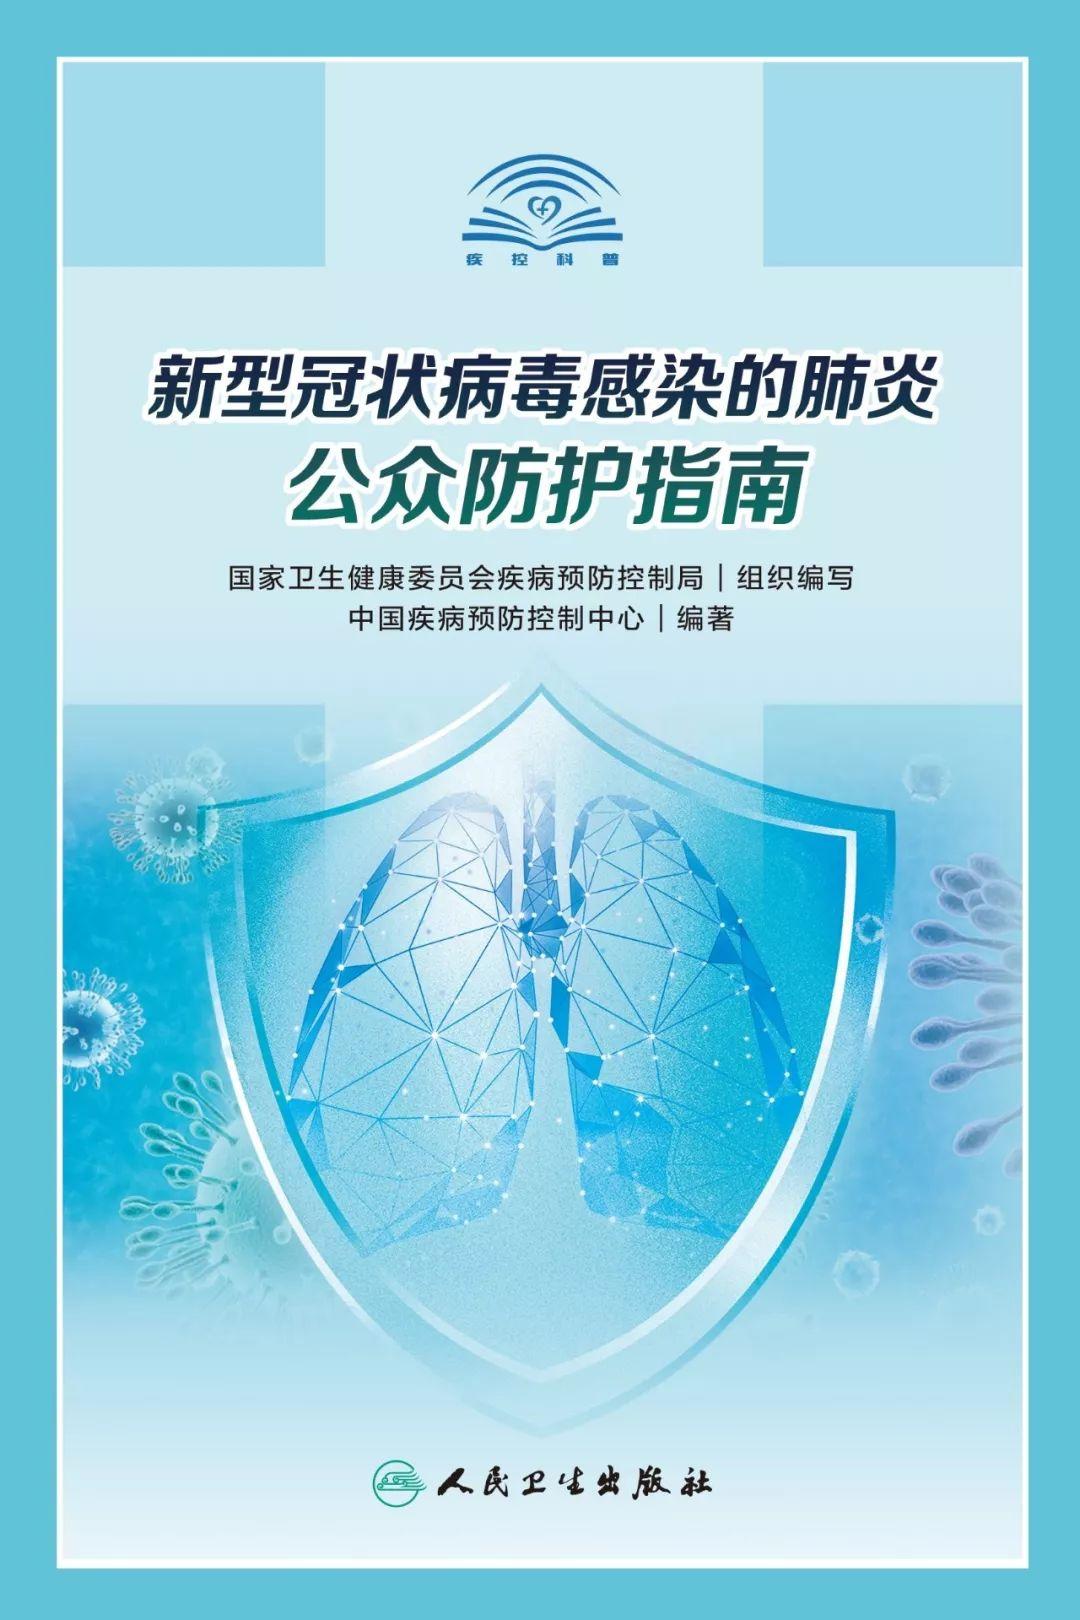 中国疾病预防控制中心推出《新型冠状病毒感染的肺炎公众防护指南》